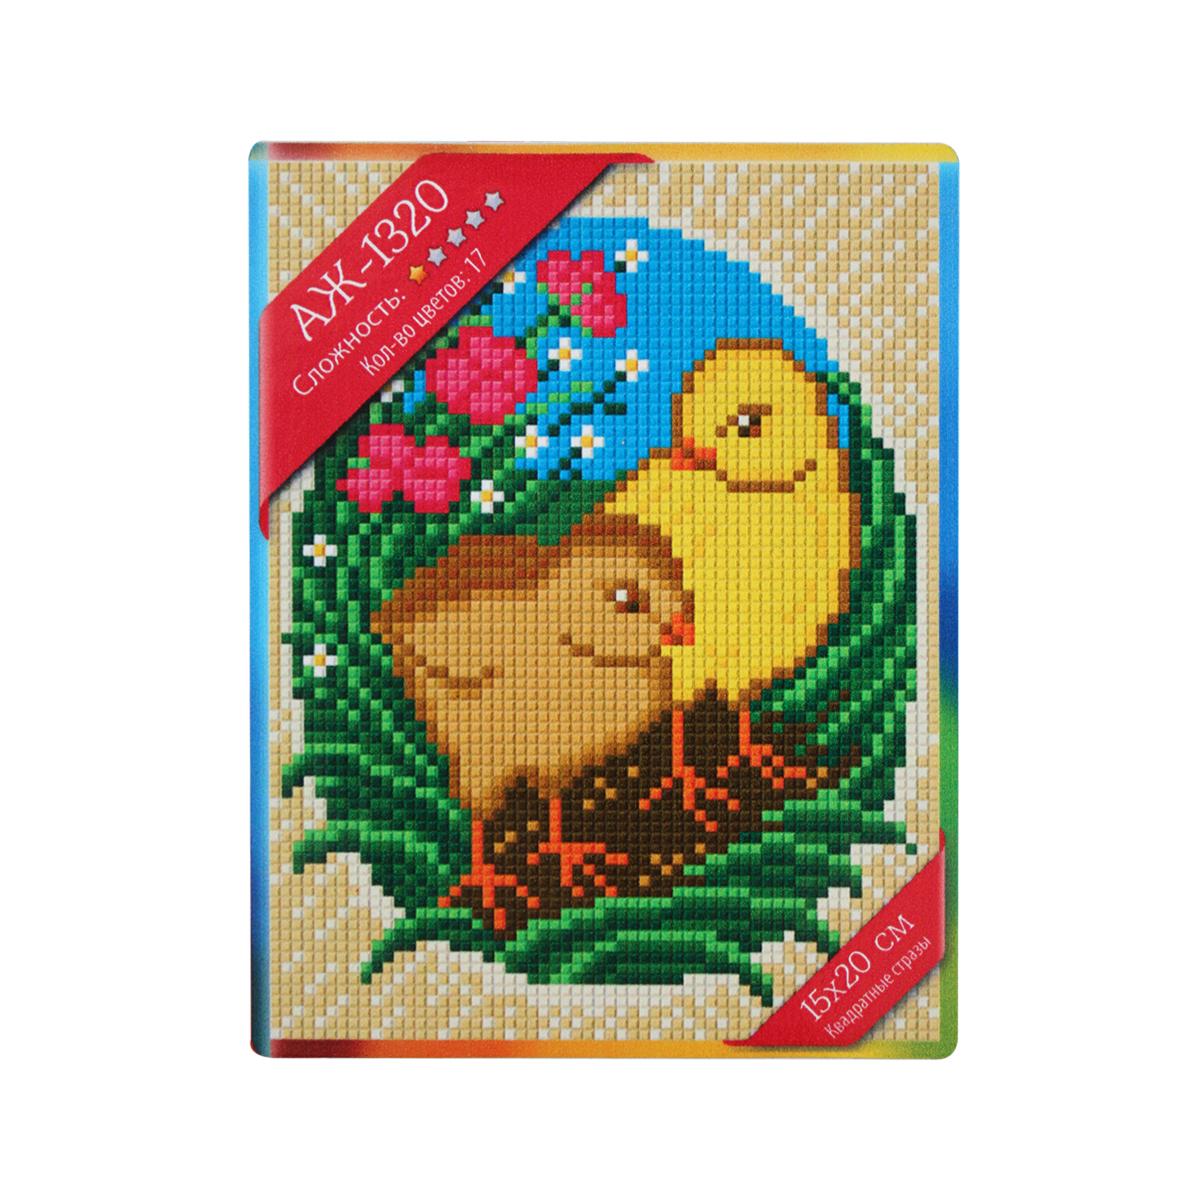 Набор для изготовления картины со стразами Алмазная Живопись Пасхальные цыплята, 15 х 20 см498187В состав набора входит: полотно-схема с клеевым слоем, с условными обозначениями, инструкция, пластиковое блюдце, пинцет, упакованные стразы.